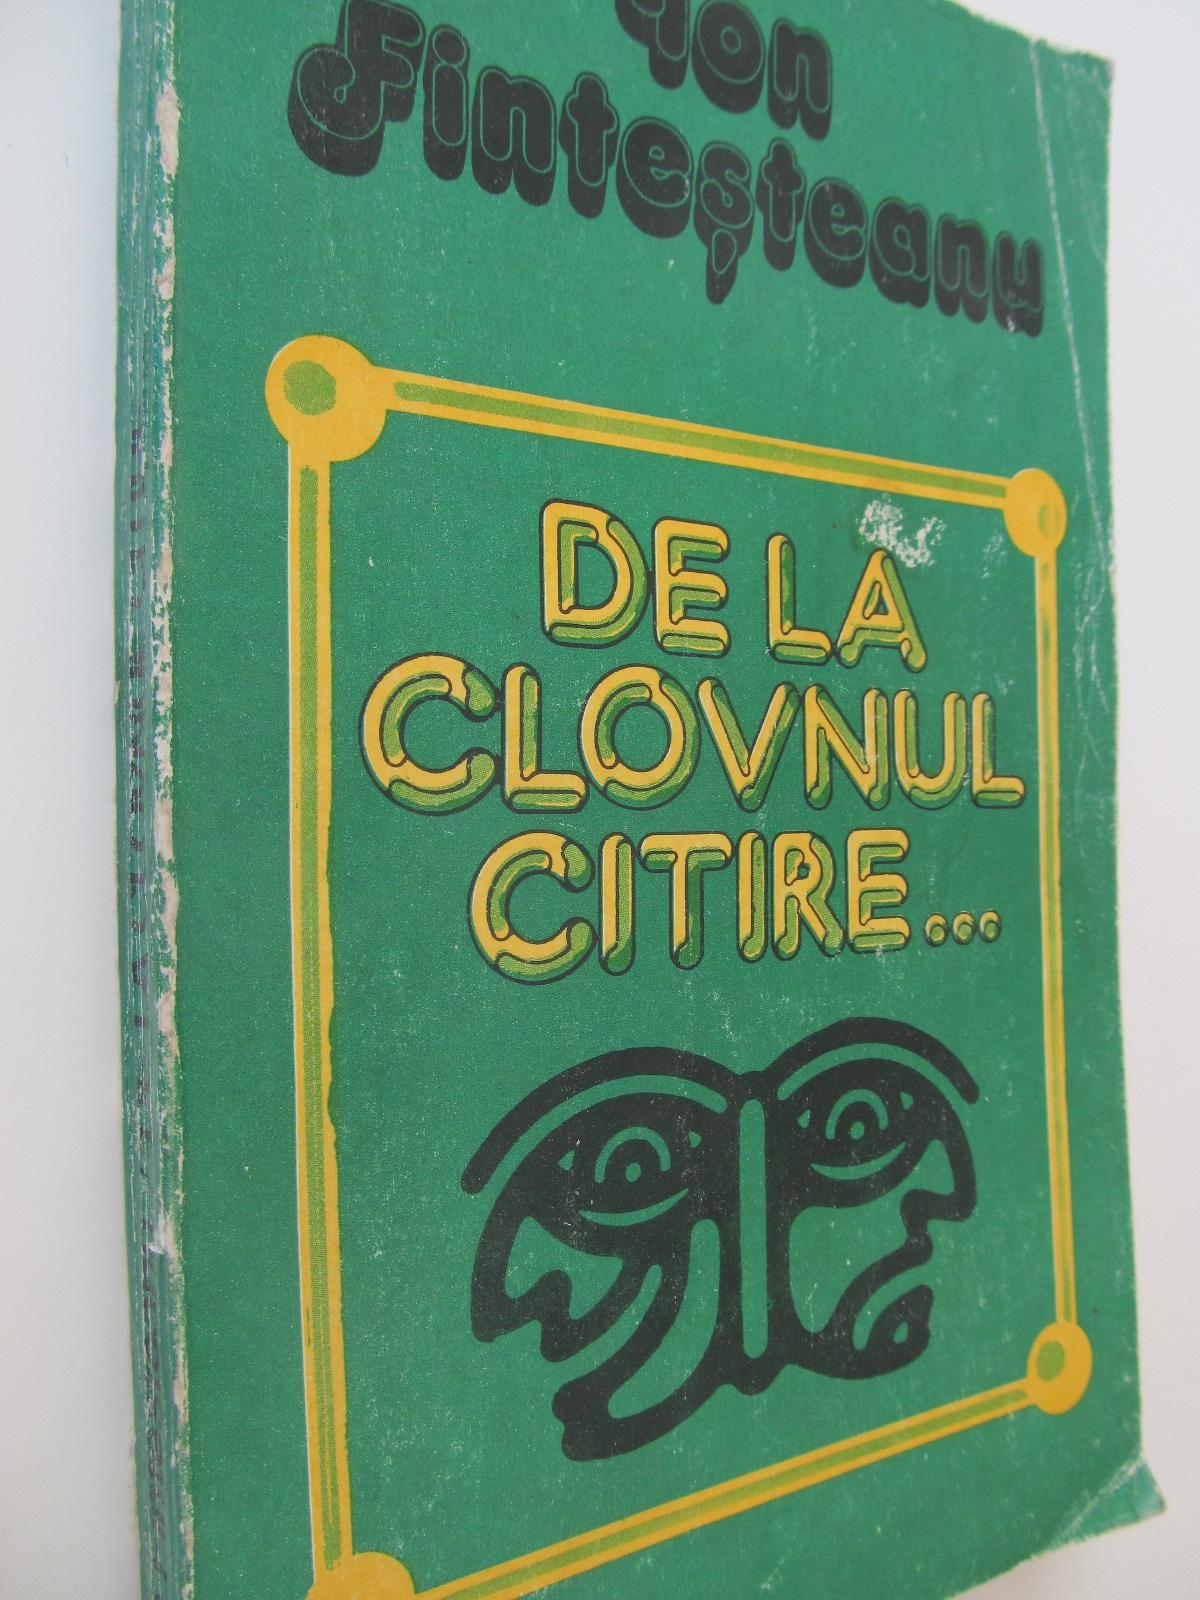 De la clovnul citire - Ion Fintesteanu | Detalii carte